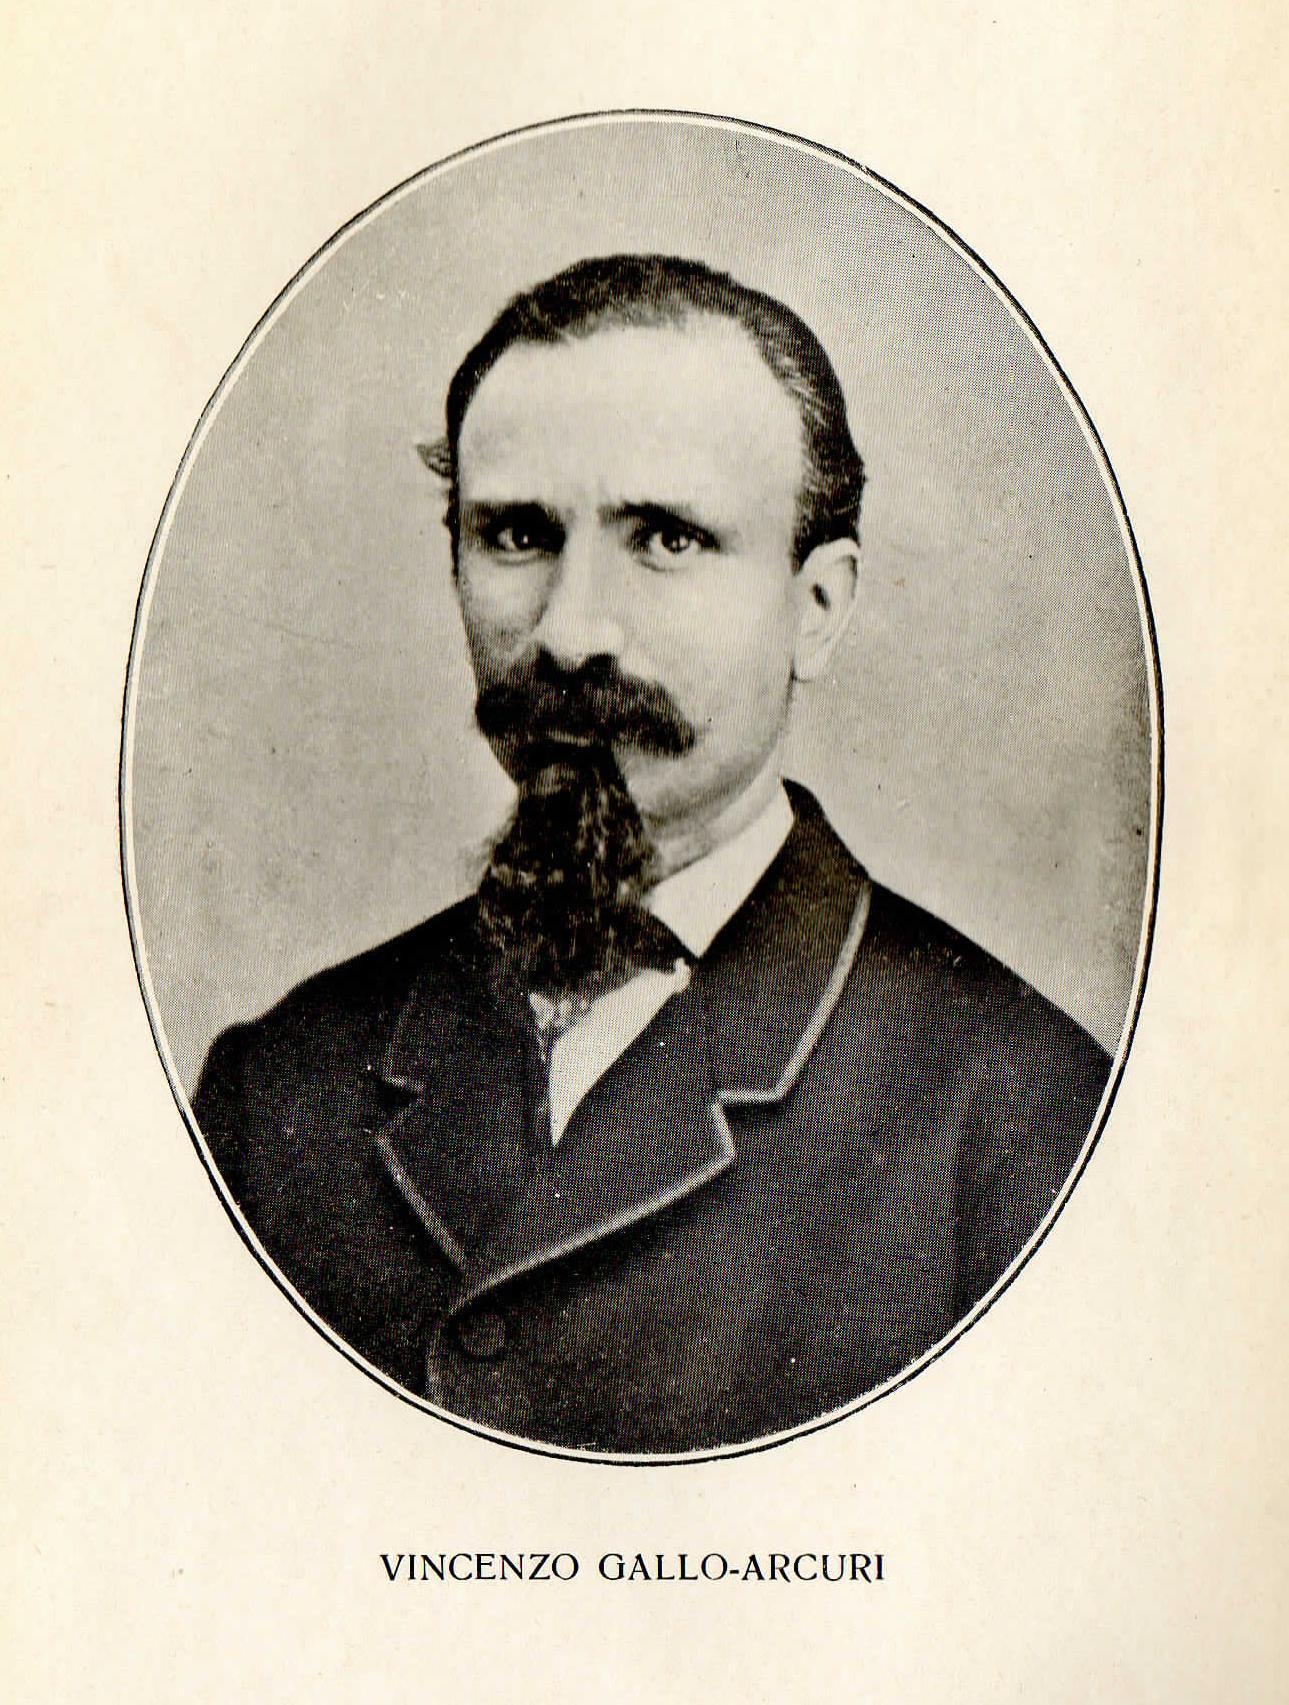 Vincenzo Gallo Arcuri